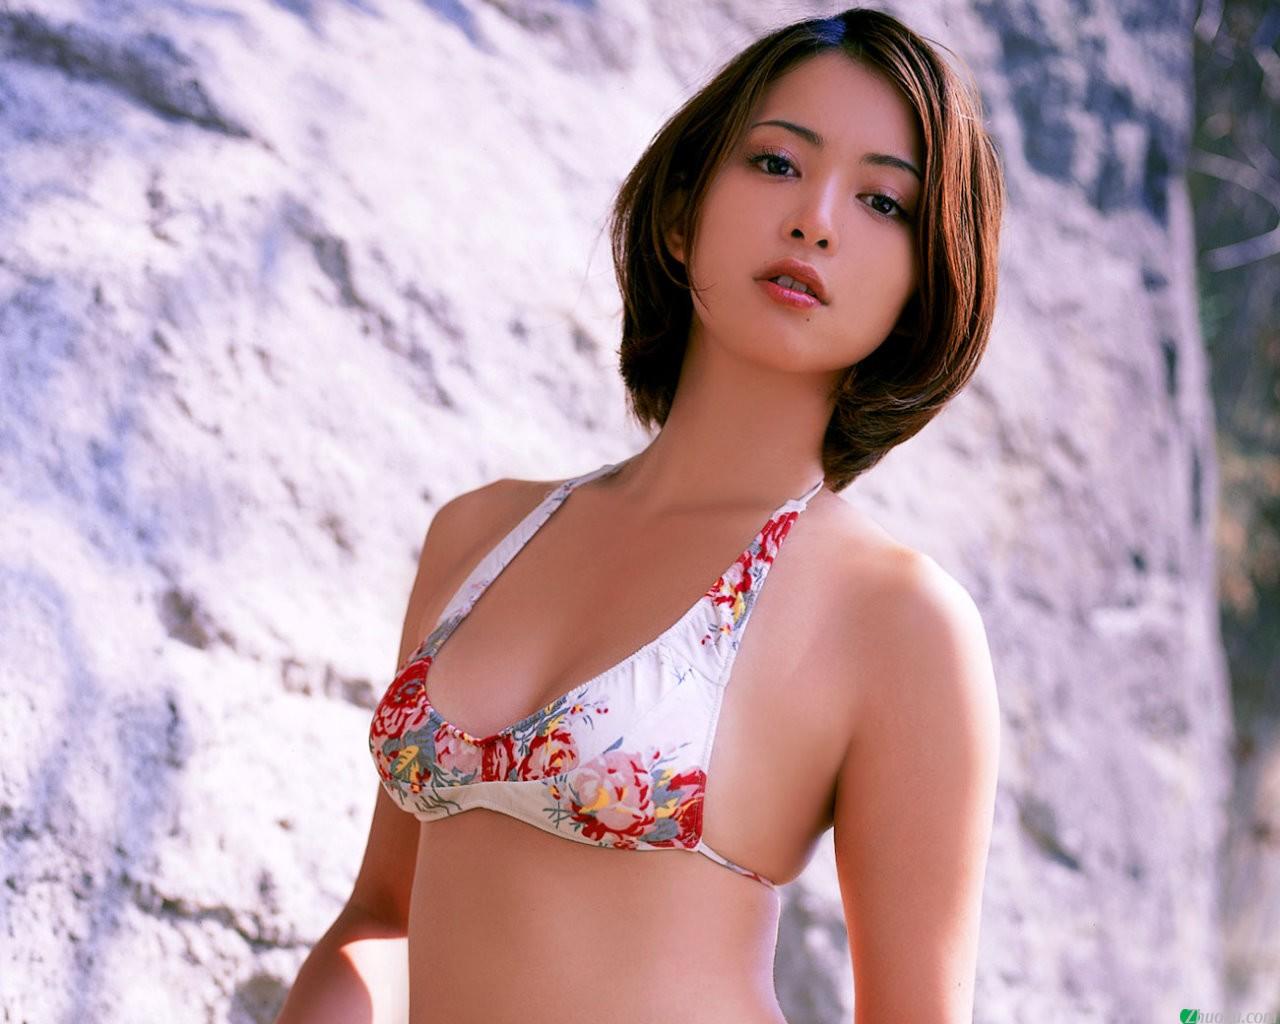 美人なのに性格は最悪!?岩佐真悠子の性格について調べてみました!のサムネイル画像